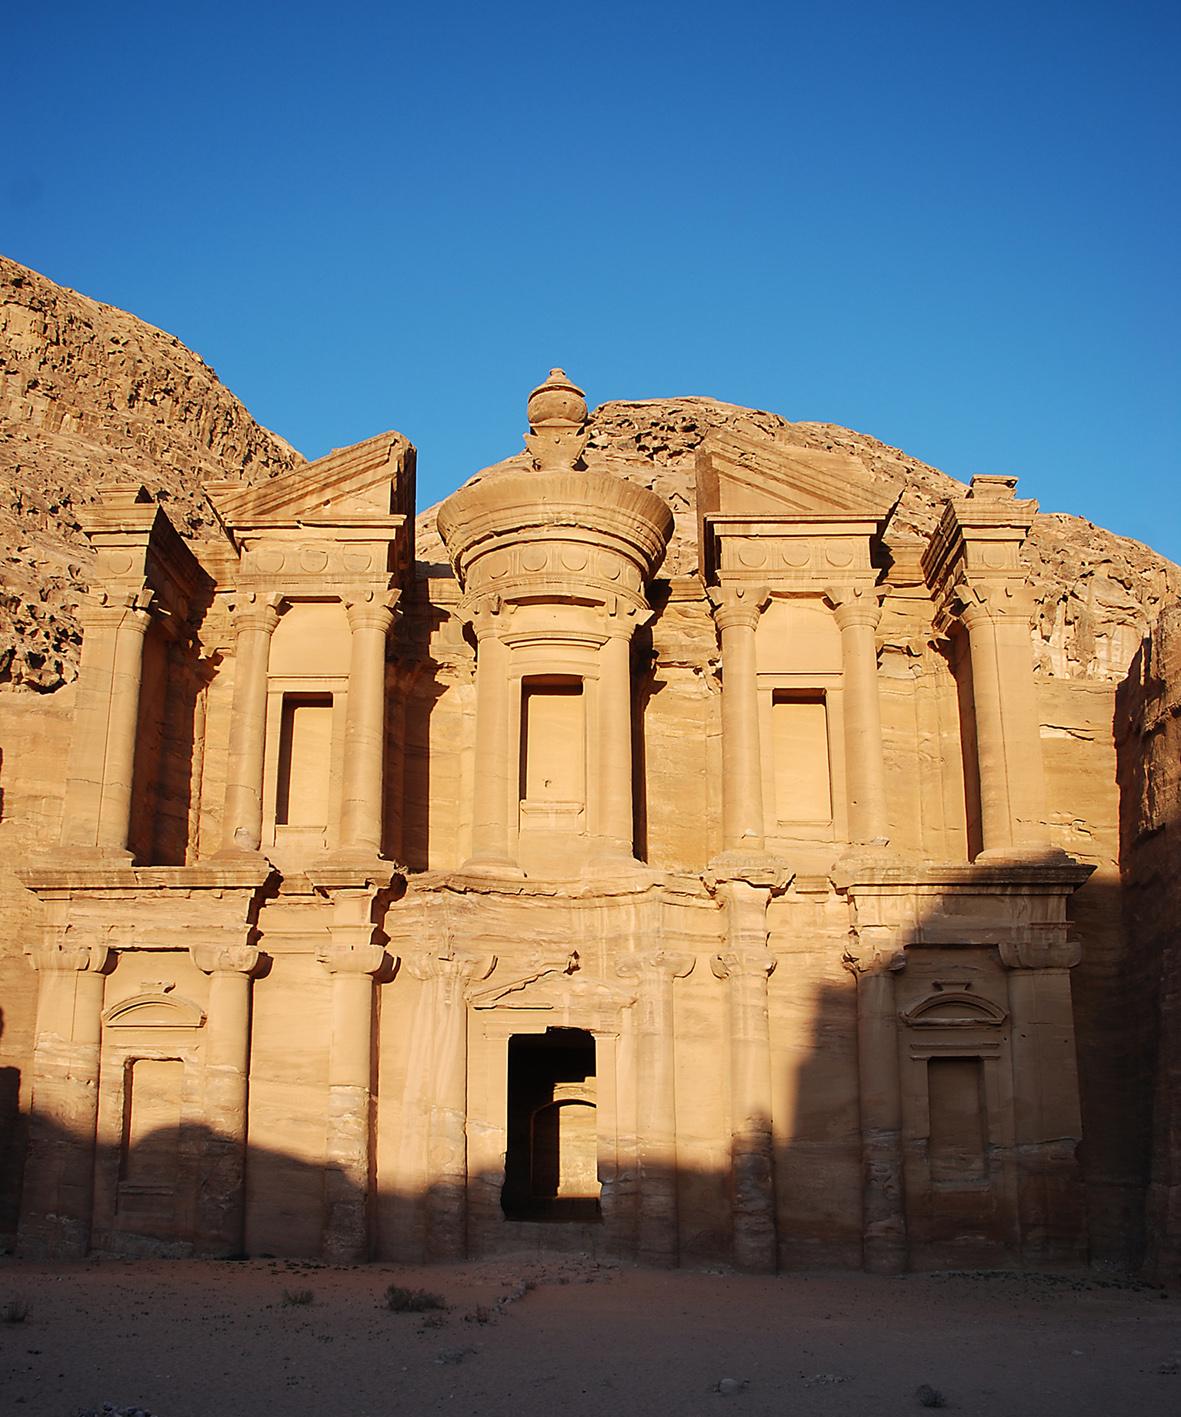 Die berühmten Felsenstadt Petra ist eines der neuen sieben Weltwunder und einer der magischsten Plätze der Erde. Foto: Christian Maskos